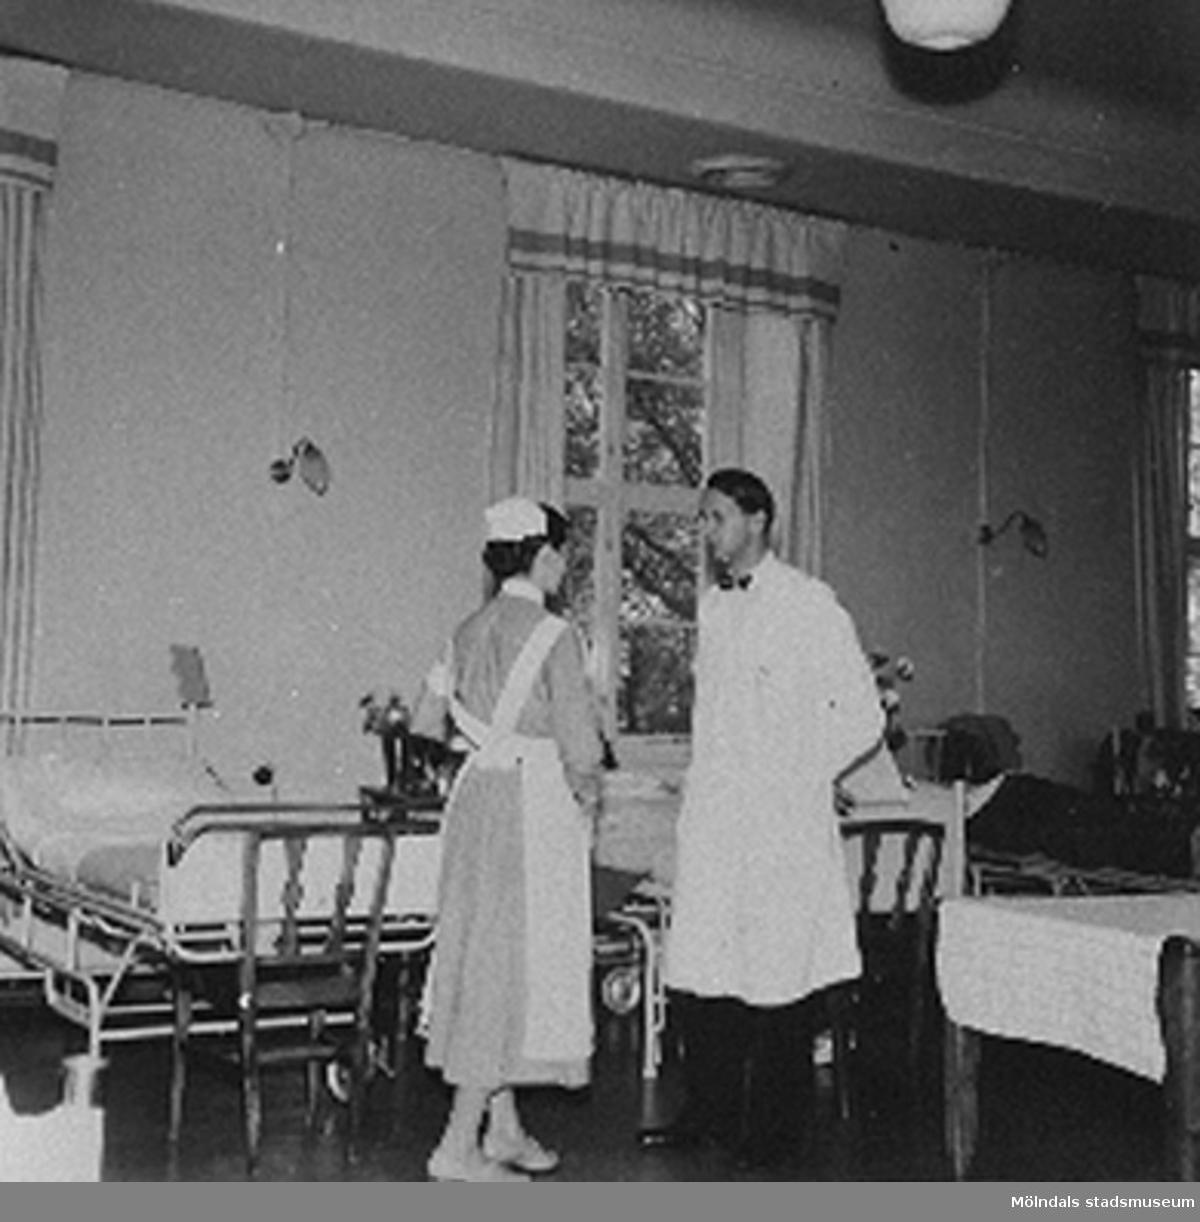 """Avd. läkaren Dr. Bjorwill och ass. sköterskan går på rond på Sabbatsbergs sjukhus i Stockholm, cirka 1958. Det låg 20st patienter i varje sal, 10st på var sida.Vid 18 års ålder fick man börja på Svenska Röda Korsets sjuksköterskeutbildning. Då blev eleven antagen till 3 månaders provtjänstgöring den s.k """"plättperioden"""". Under denna tid användes en liten mössa till arbetsuniformen som man fick vid utbildningens början. Den lilla mössan avvek från den ordinarie mössan för att visa att eleven gick på prov. Efter provtjänstgöringen fick eleven veta om hon godkändes för vidare utbildning på 3,5år. Efter 2 års studier fick eleven bära den vita armbindeln och blev därmed undersköterska.Arbetsuniformen var skräddarsydd och bestod av en blå bomullsklänning, ett vitt förkläde som knäpptes i kors i linningen med särskilda manschettknappar och en vit mössa. Klänningens längd skulle vara ett visst antal centimeter ovanför golvet och förklädet skulle vara ett visst antal centrimeter ovanför den nedersta klänningsfållen. Man fick endast använda svarta strumpor och svarta skor eller bruna strumpor och bruna skor till klänningen.Till klänningen hörde också en vit krage till som fastsattes med knapp baktill och  med sjuksköterskebroschen framtill. Till klänningen fanns ett särskilt bälte som gjorde att förklädet inte skulle vika sig i midjan. På vänster ärm fastsattes den vita armbindeln som visade att det var en Röda Kors syster! Den vita mössan var enligt ett mönster särskilt för Röda Korsets sjuksköterskor (varje sjuksköterskeskola hade sin egna design av mössan). Endast nålar med pärlhuvud fick användas på mössan. På mössan fästes hakrosetten. Vid utomhusvistelse fick man bära den tillhörande svarta kappan. Den skulle vara längre än klänningen. Till kappan var man tvungen att använda svarta strumpor och svarta skor och sätta fast den vita armbindeln på vänster ärm. Man använde också en särskild mössa med hakband den s.k Kapotten. Det fanns också en tillhörande frack till uniforme"""